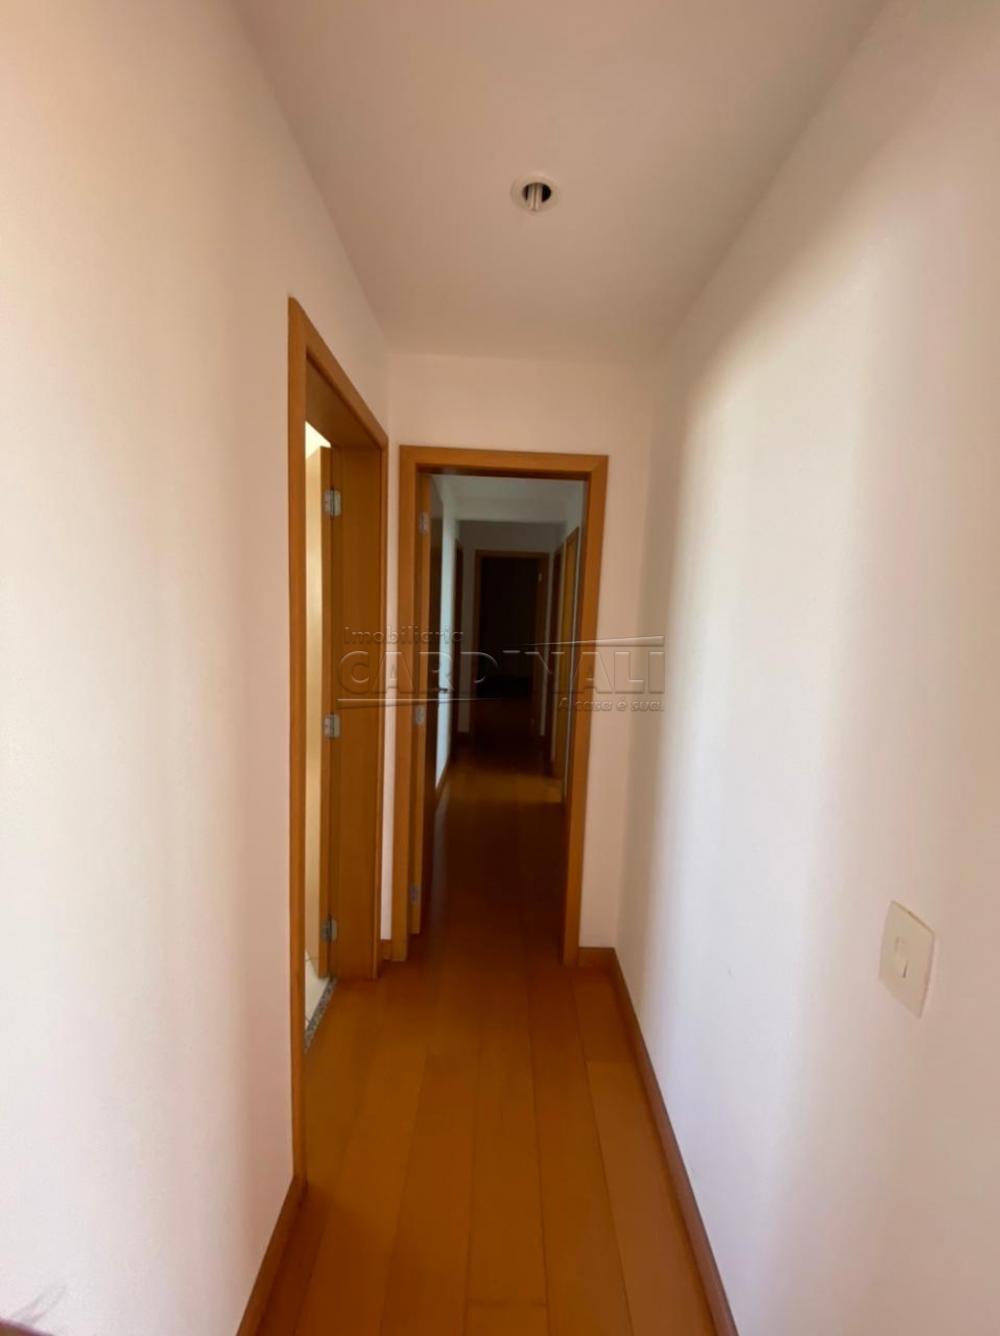 Alugar Apartamento / Padrão em São Carlos R$ 1.778,00 - Foto 4